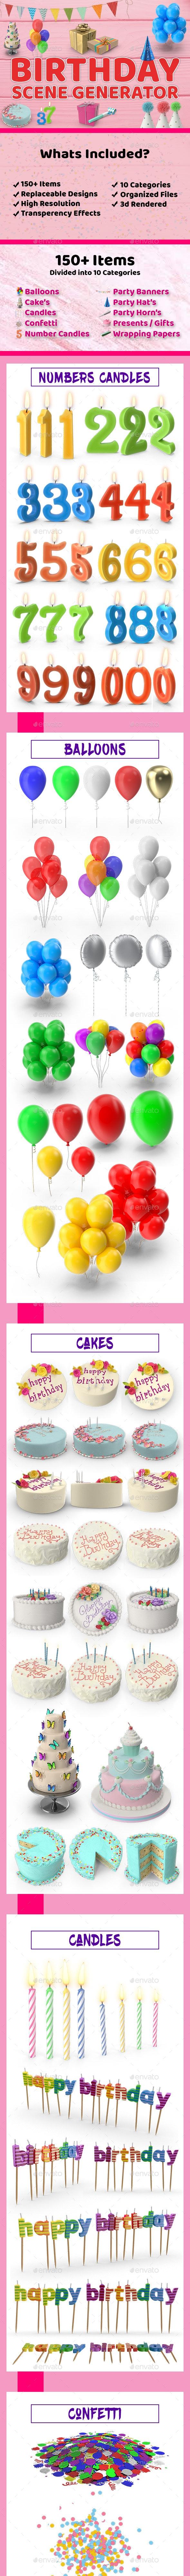 Birthday Scene Generator - Hero Images Graphics